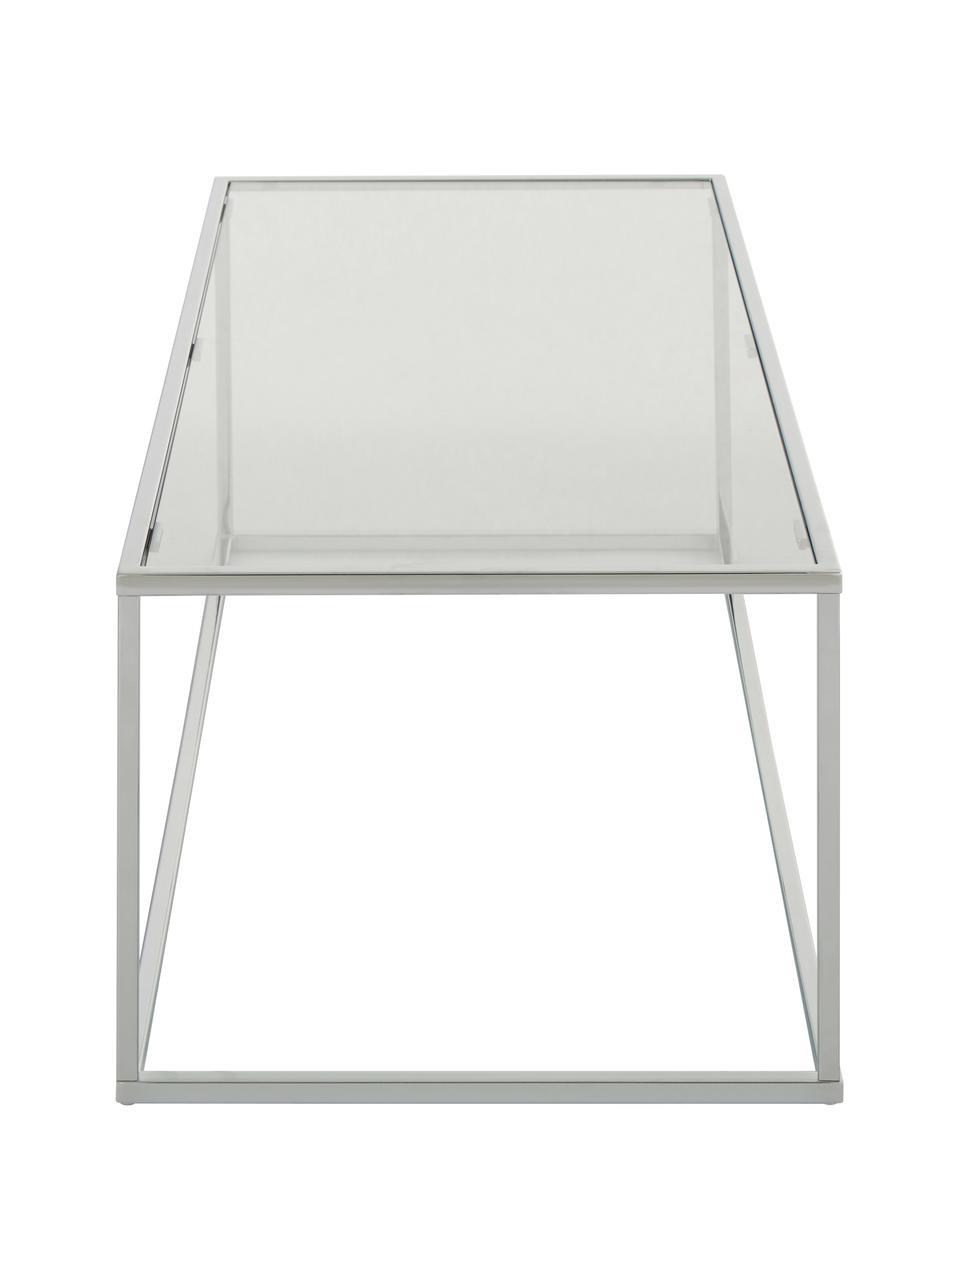 Stolik kawowy ze szklanym blatem Maya, Blat: szkło hartowane, Stelaż: metal chromowany, Chrom, S 110 x W 36 cm